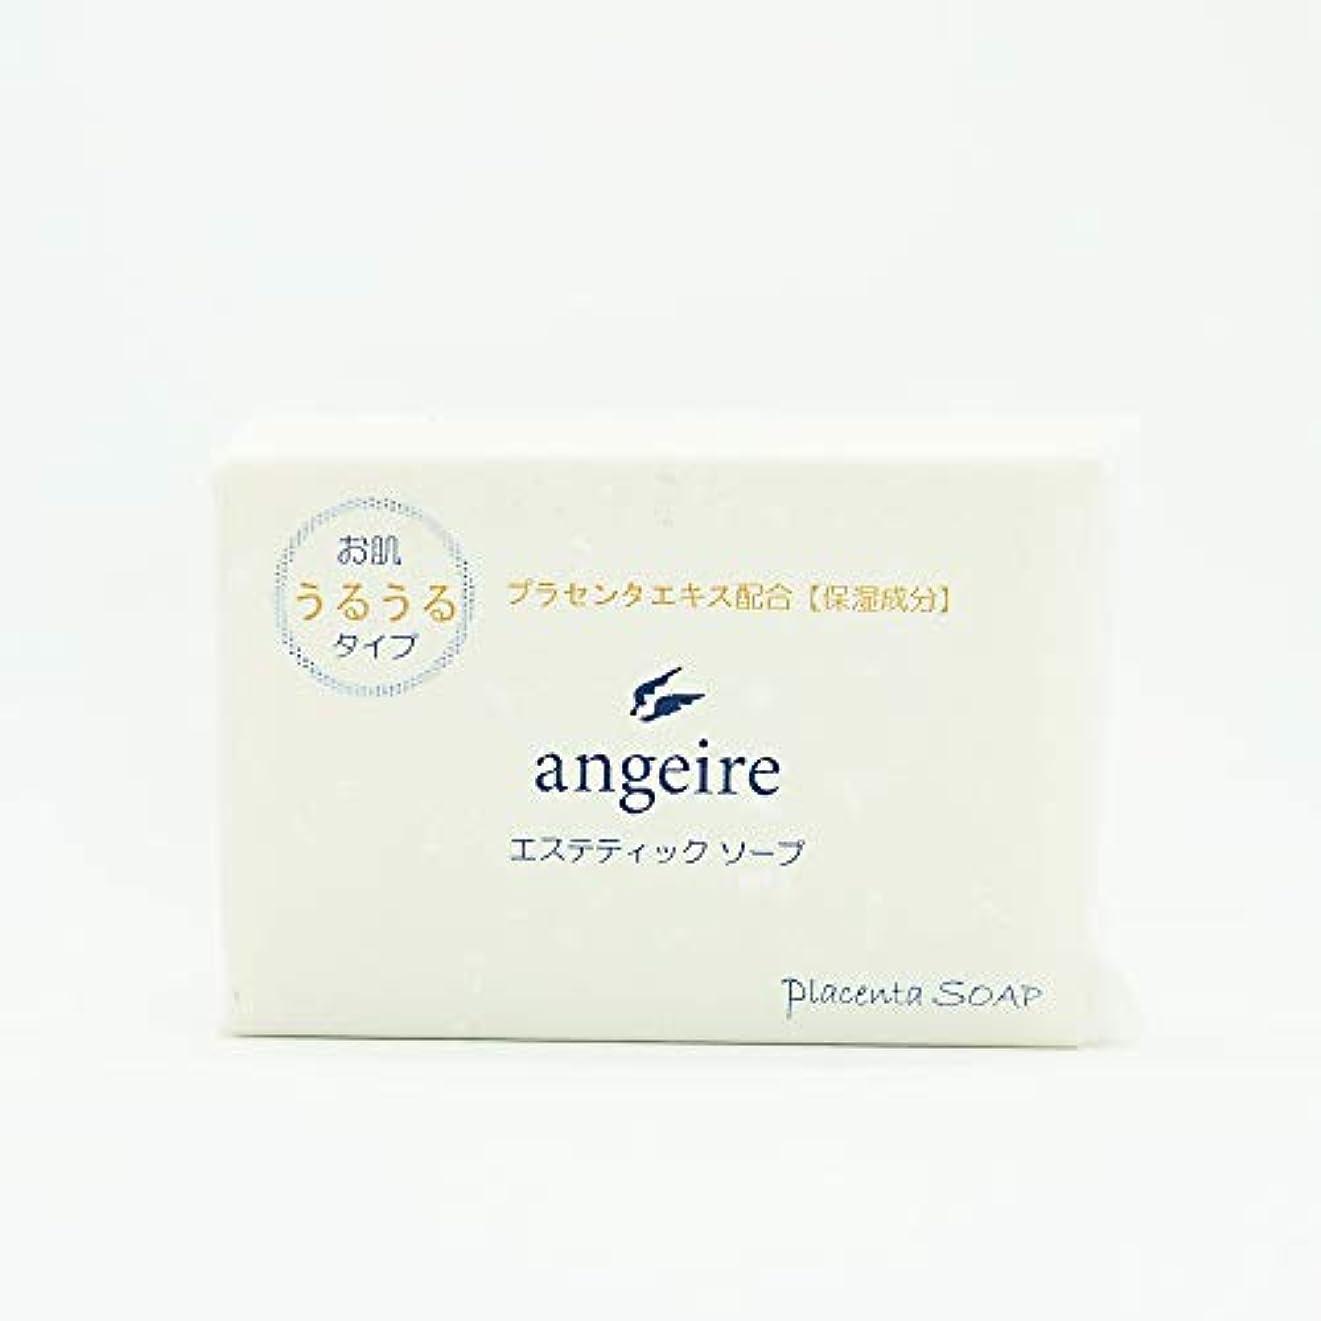 ポスターシルク百angeire エステティックソープ お肌うるうるタイプ 天然アロマの香り